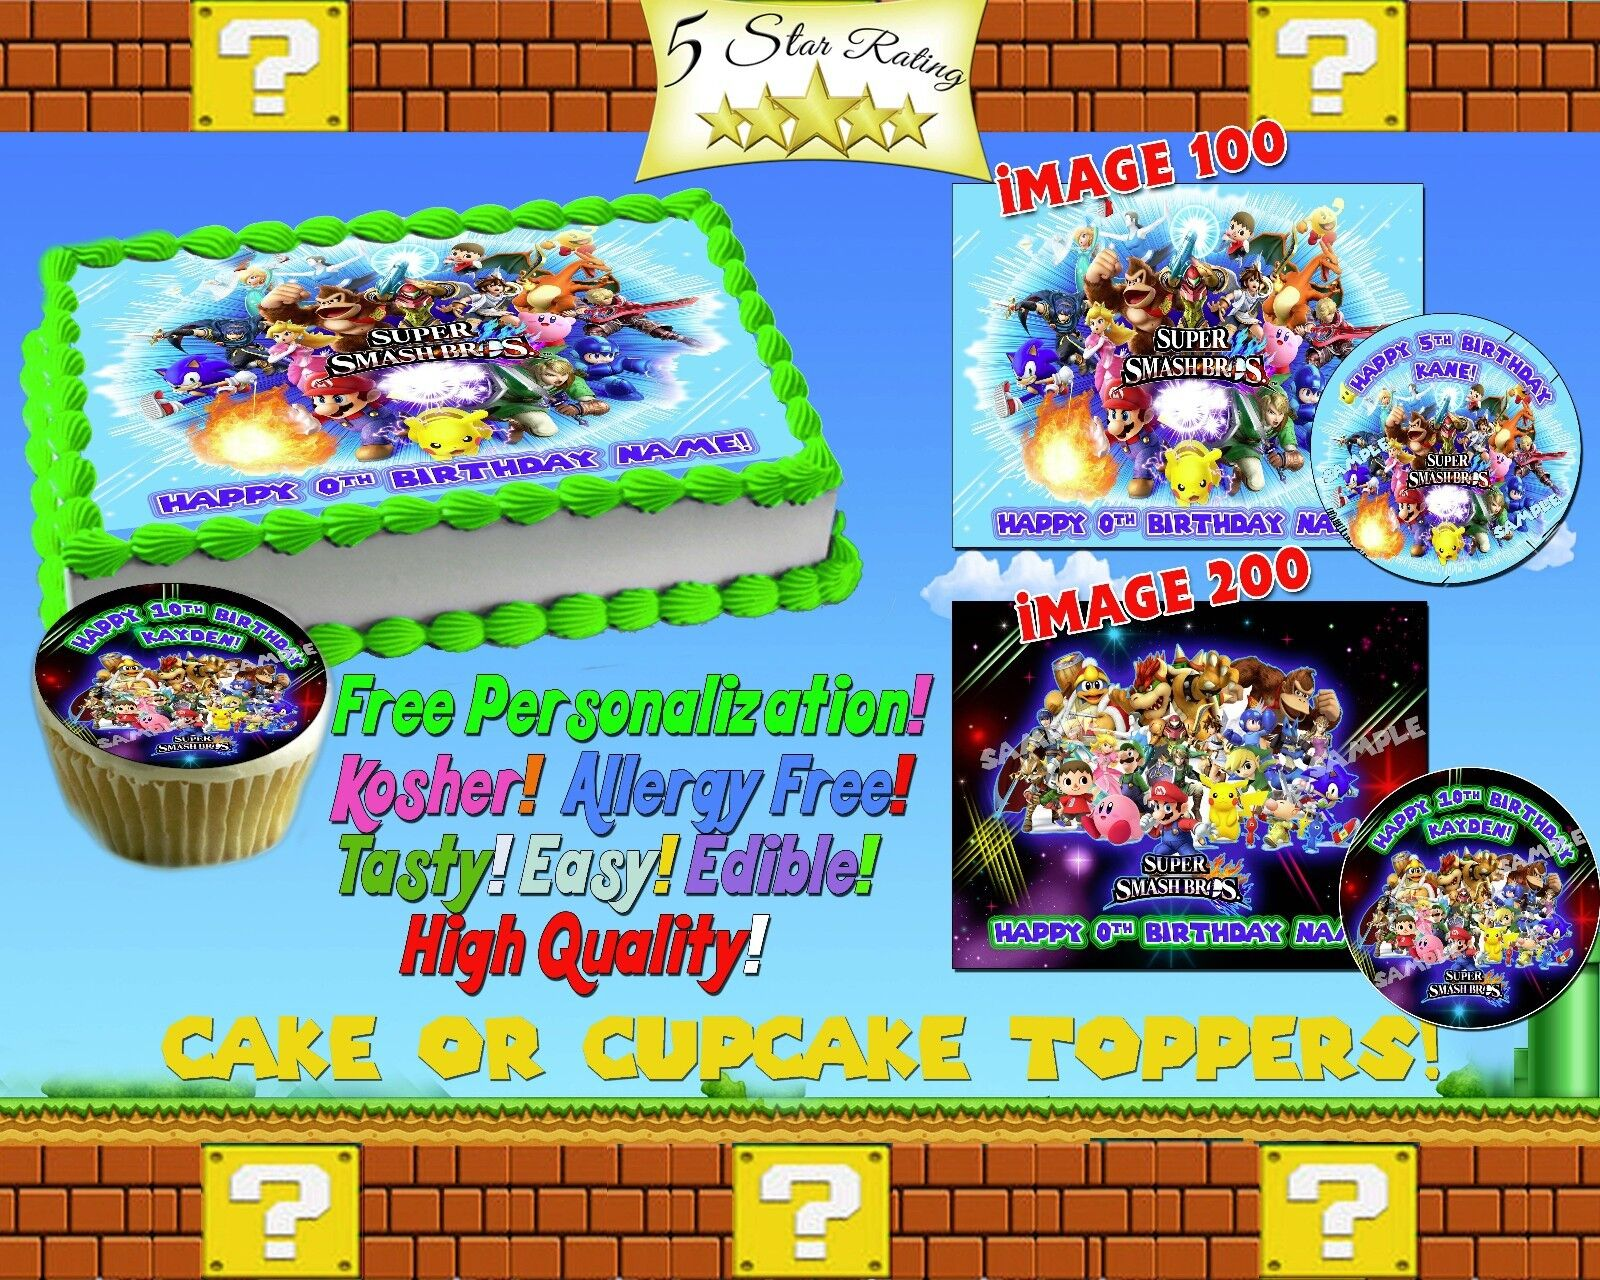 Super smash bros Birthday Cake topper Edible picture sugar s